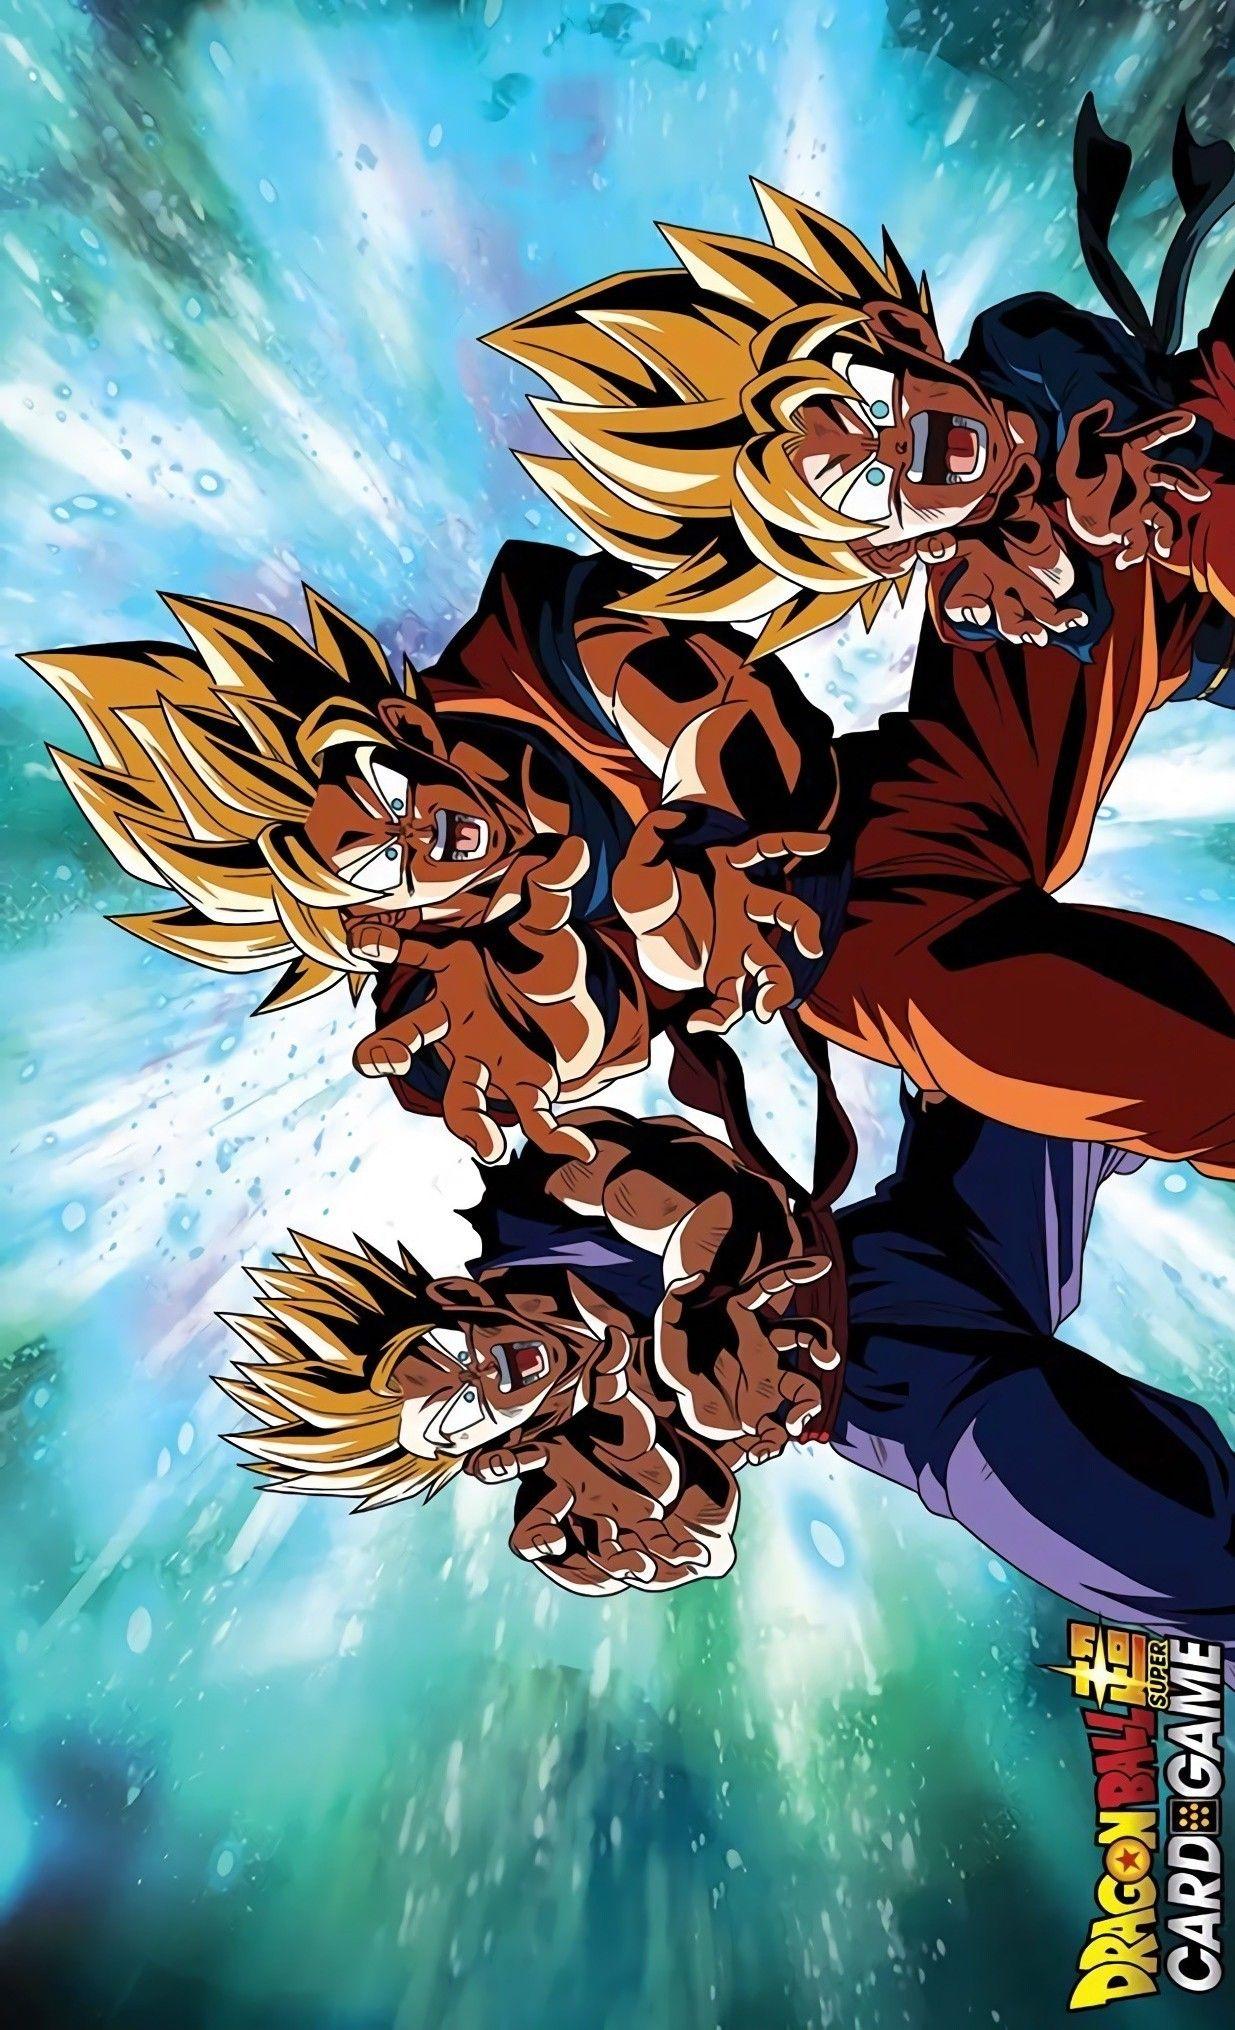 Family Kamehameha Anime Dragon Ball Super Dragon Ball Image Anime Dragon Ball